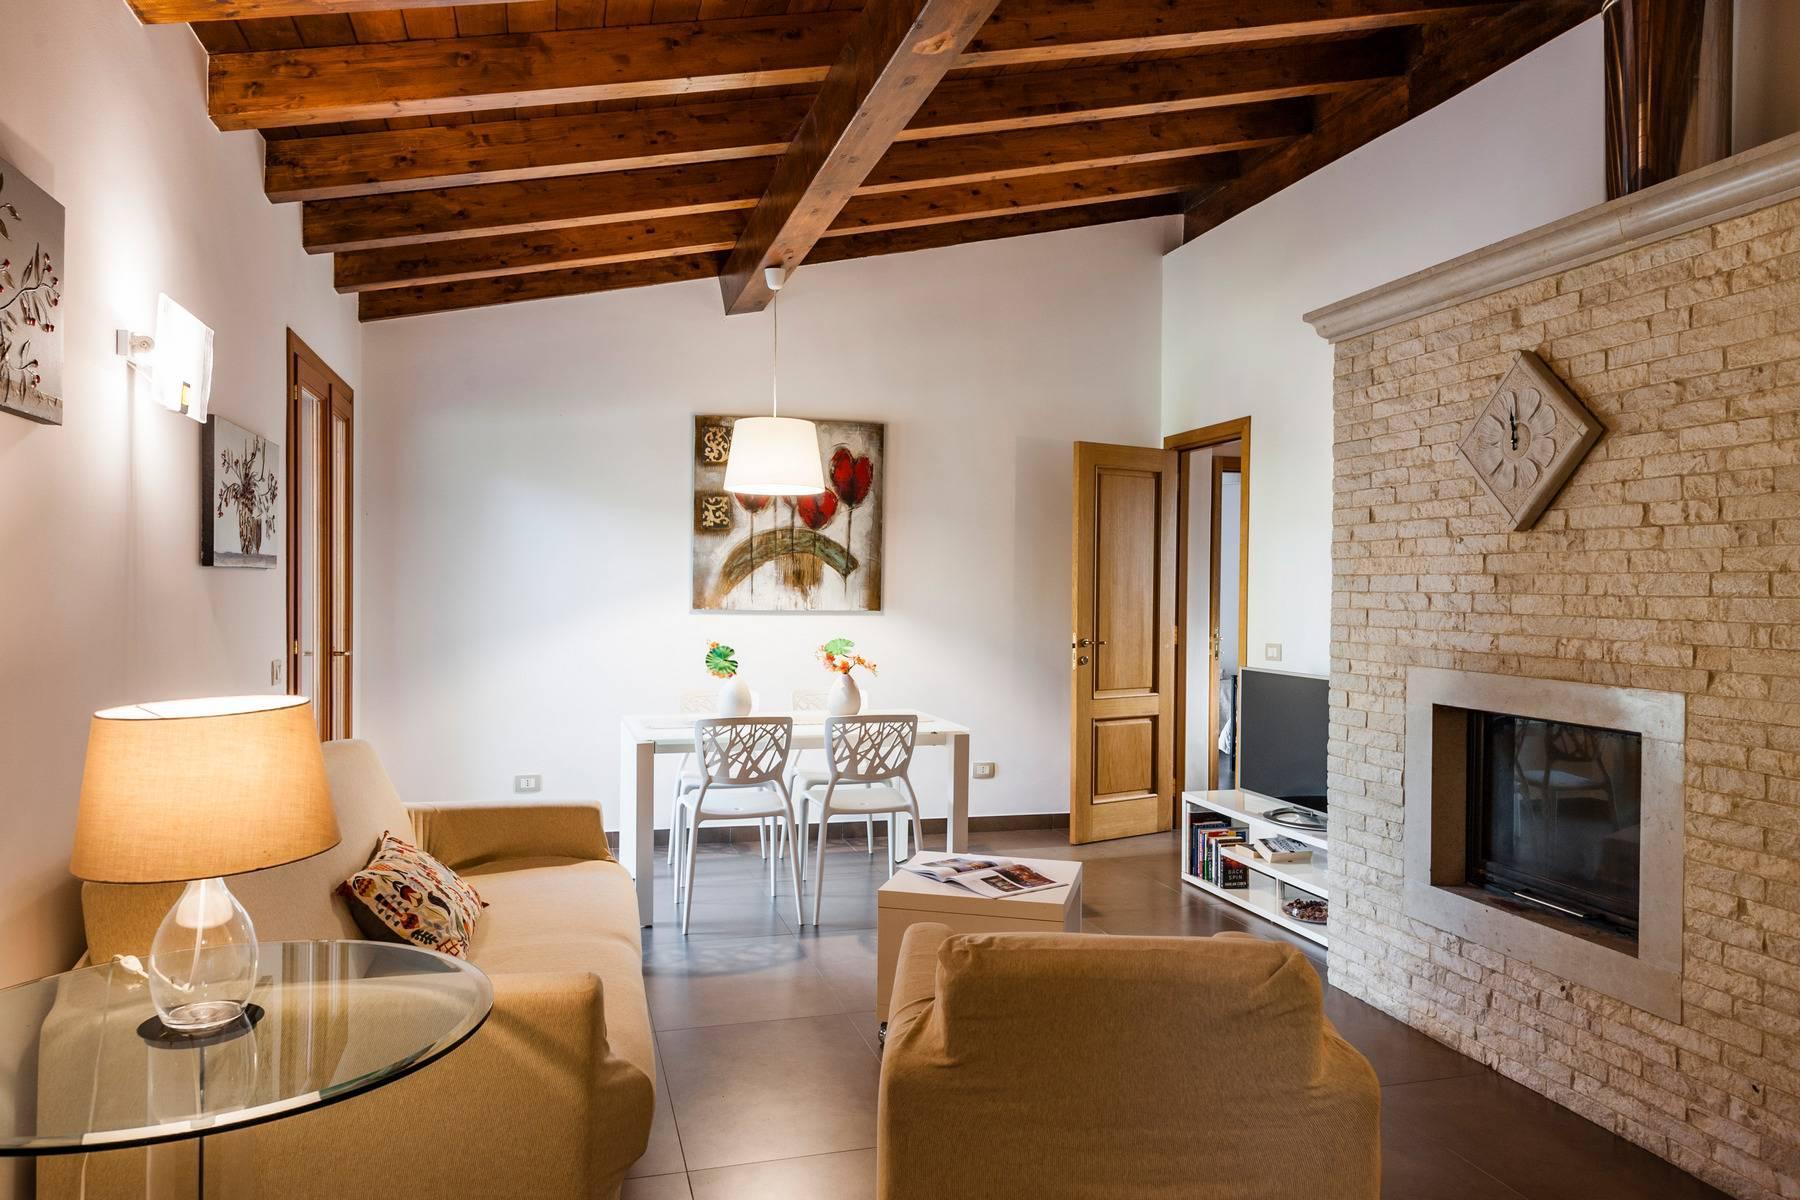 Exklusive Villa am Meer mit eigenem Zugang zum Strand - 8